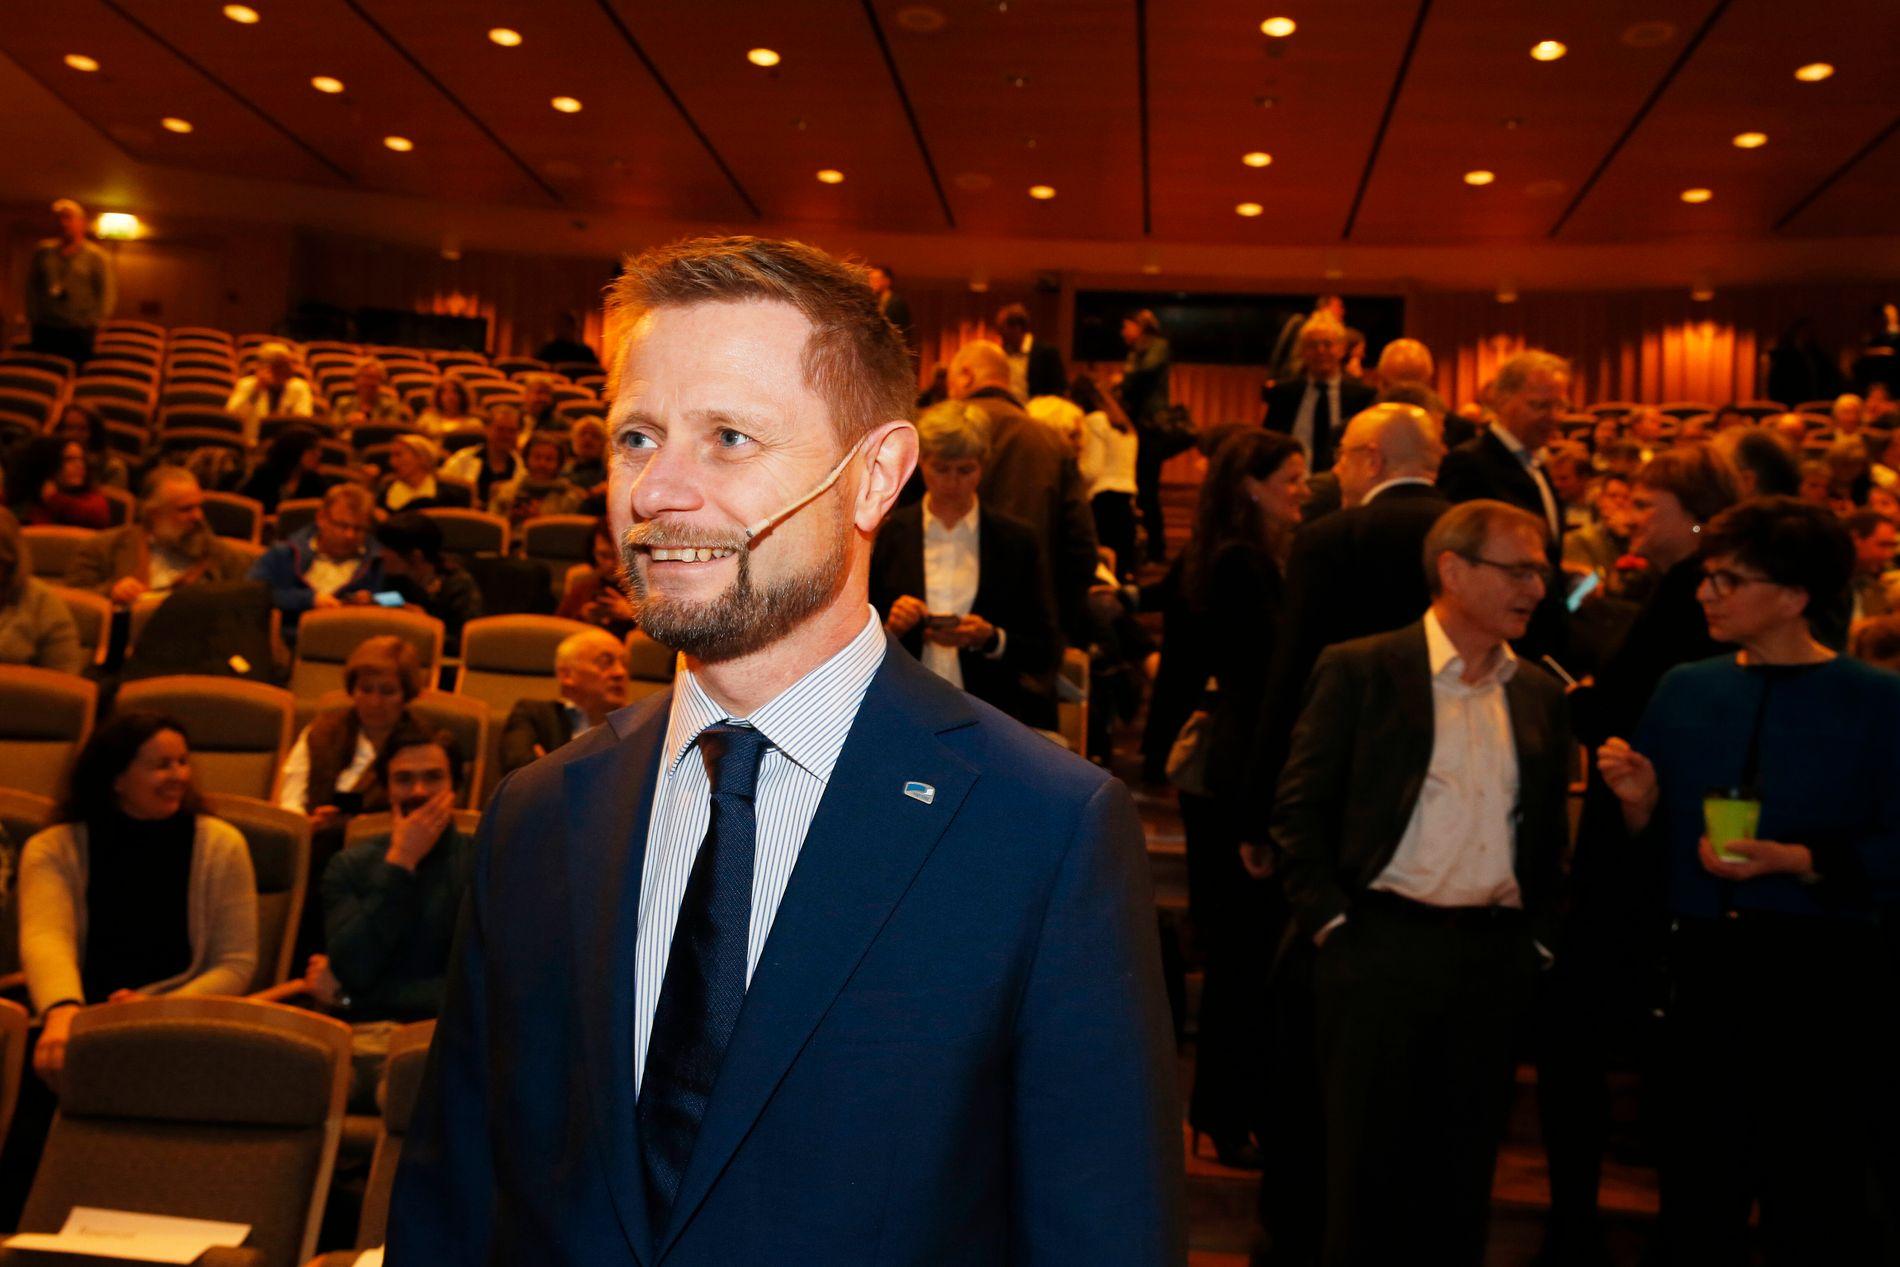 STATSRÅD: Bent Høie holdt tirsdag sin sykehustale i auditoriet ved Rikshospitalet.